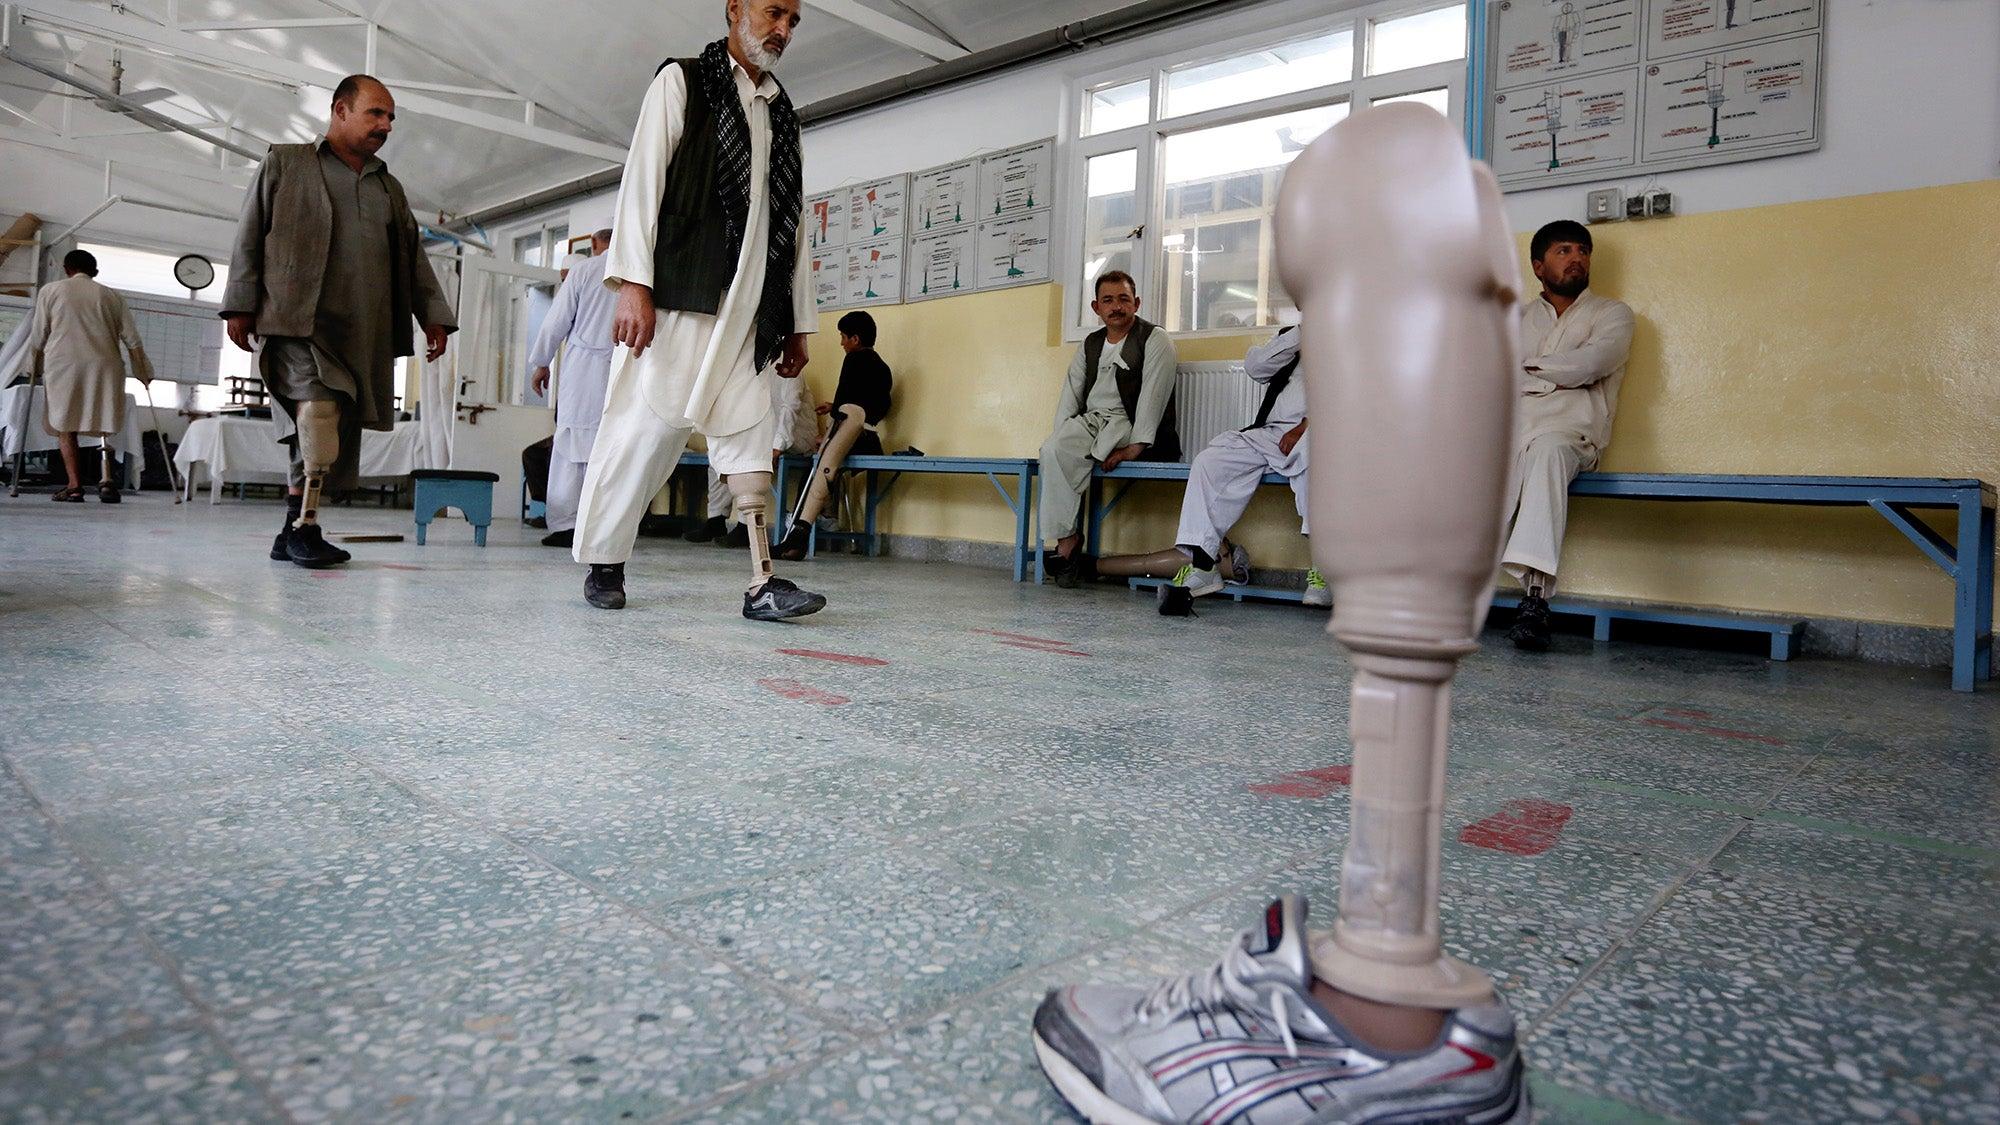 Inside Afghanistan's Prosthetics Center